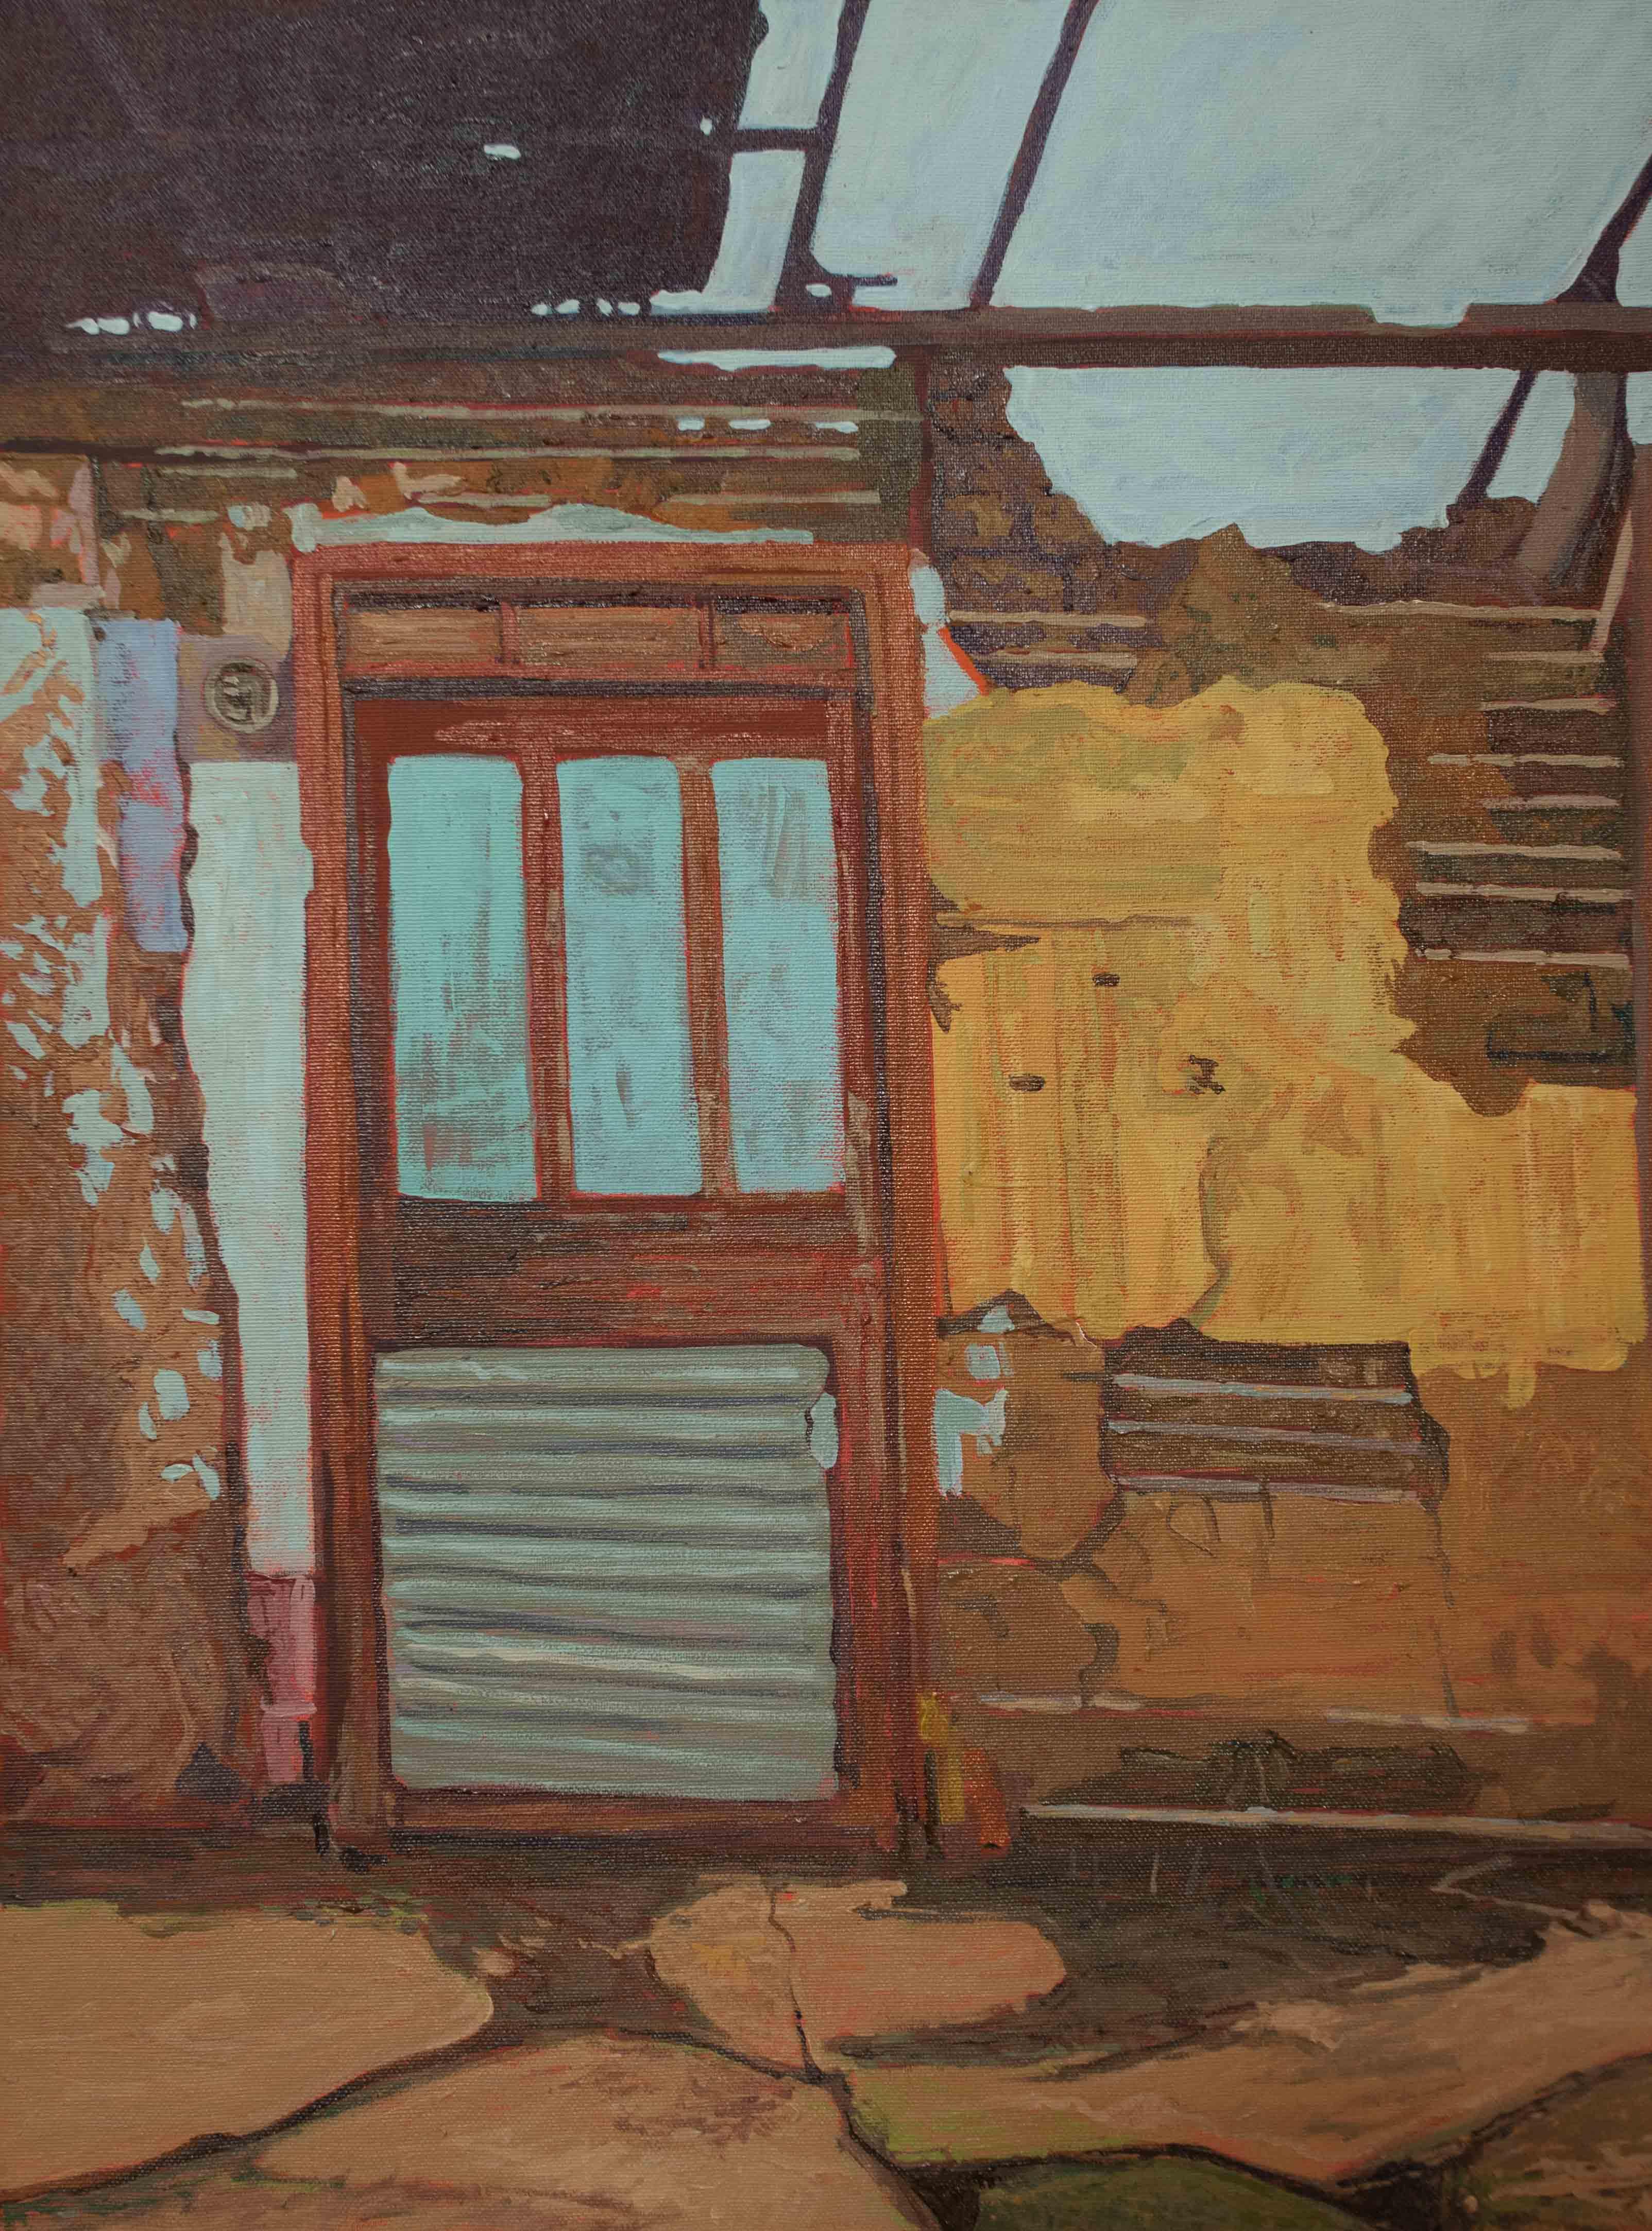 Puerta en casa derrumbada